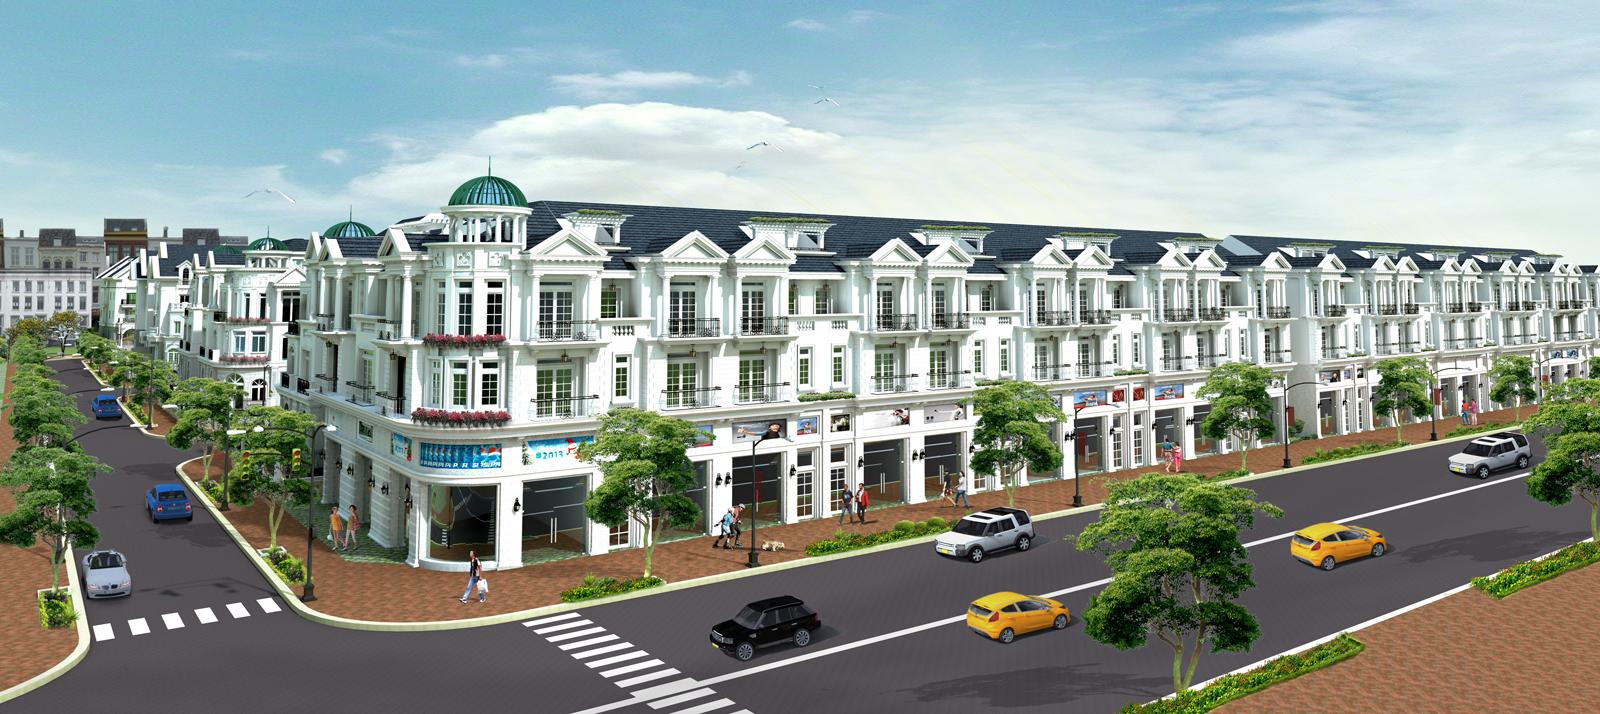 Phối cảnh dãy biệt thự tại khu dân cư Long Phú Residence Long An